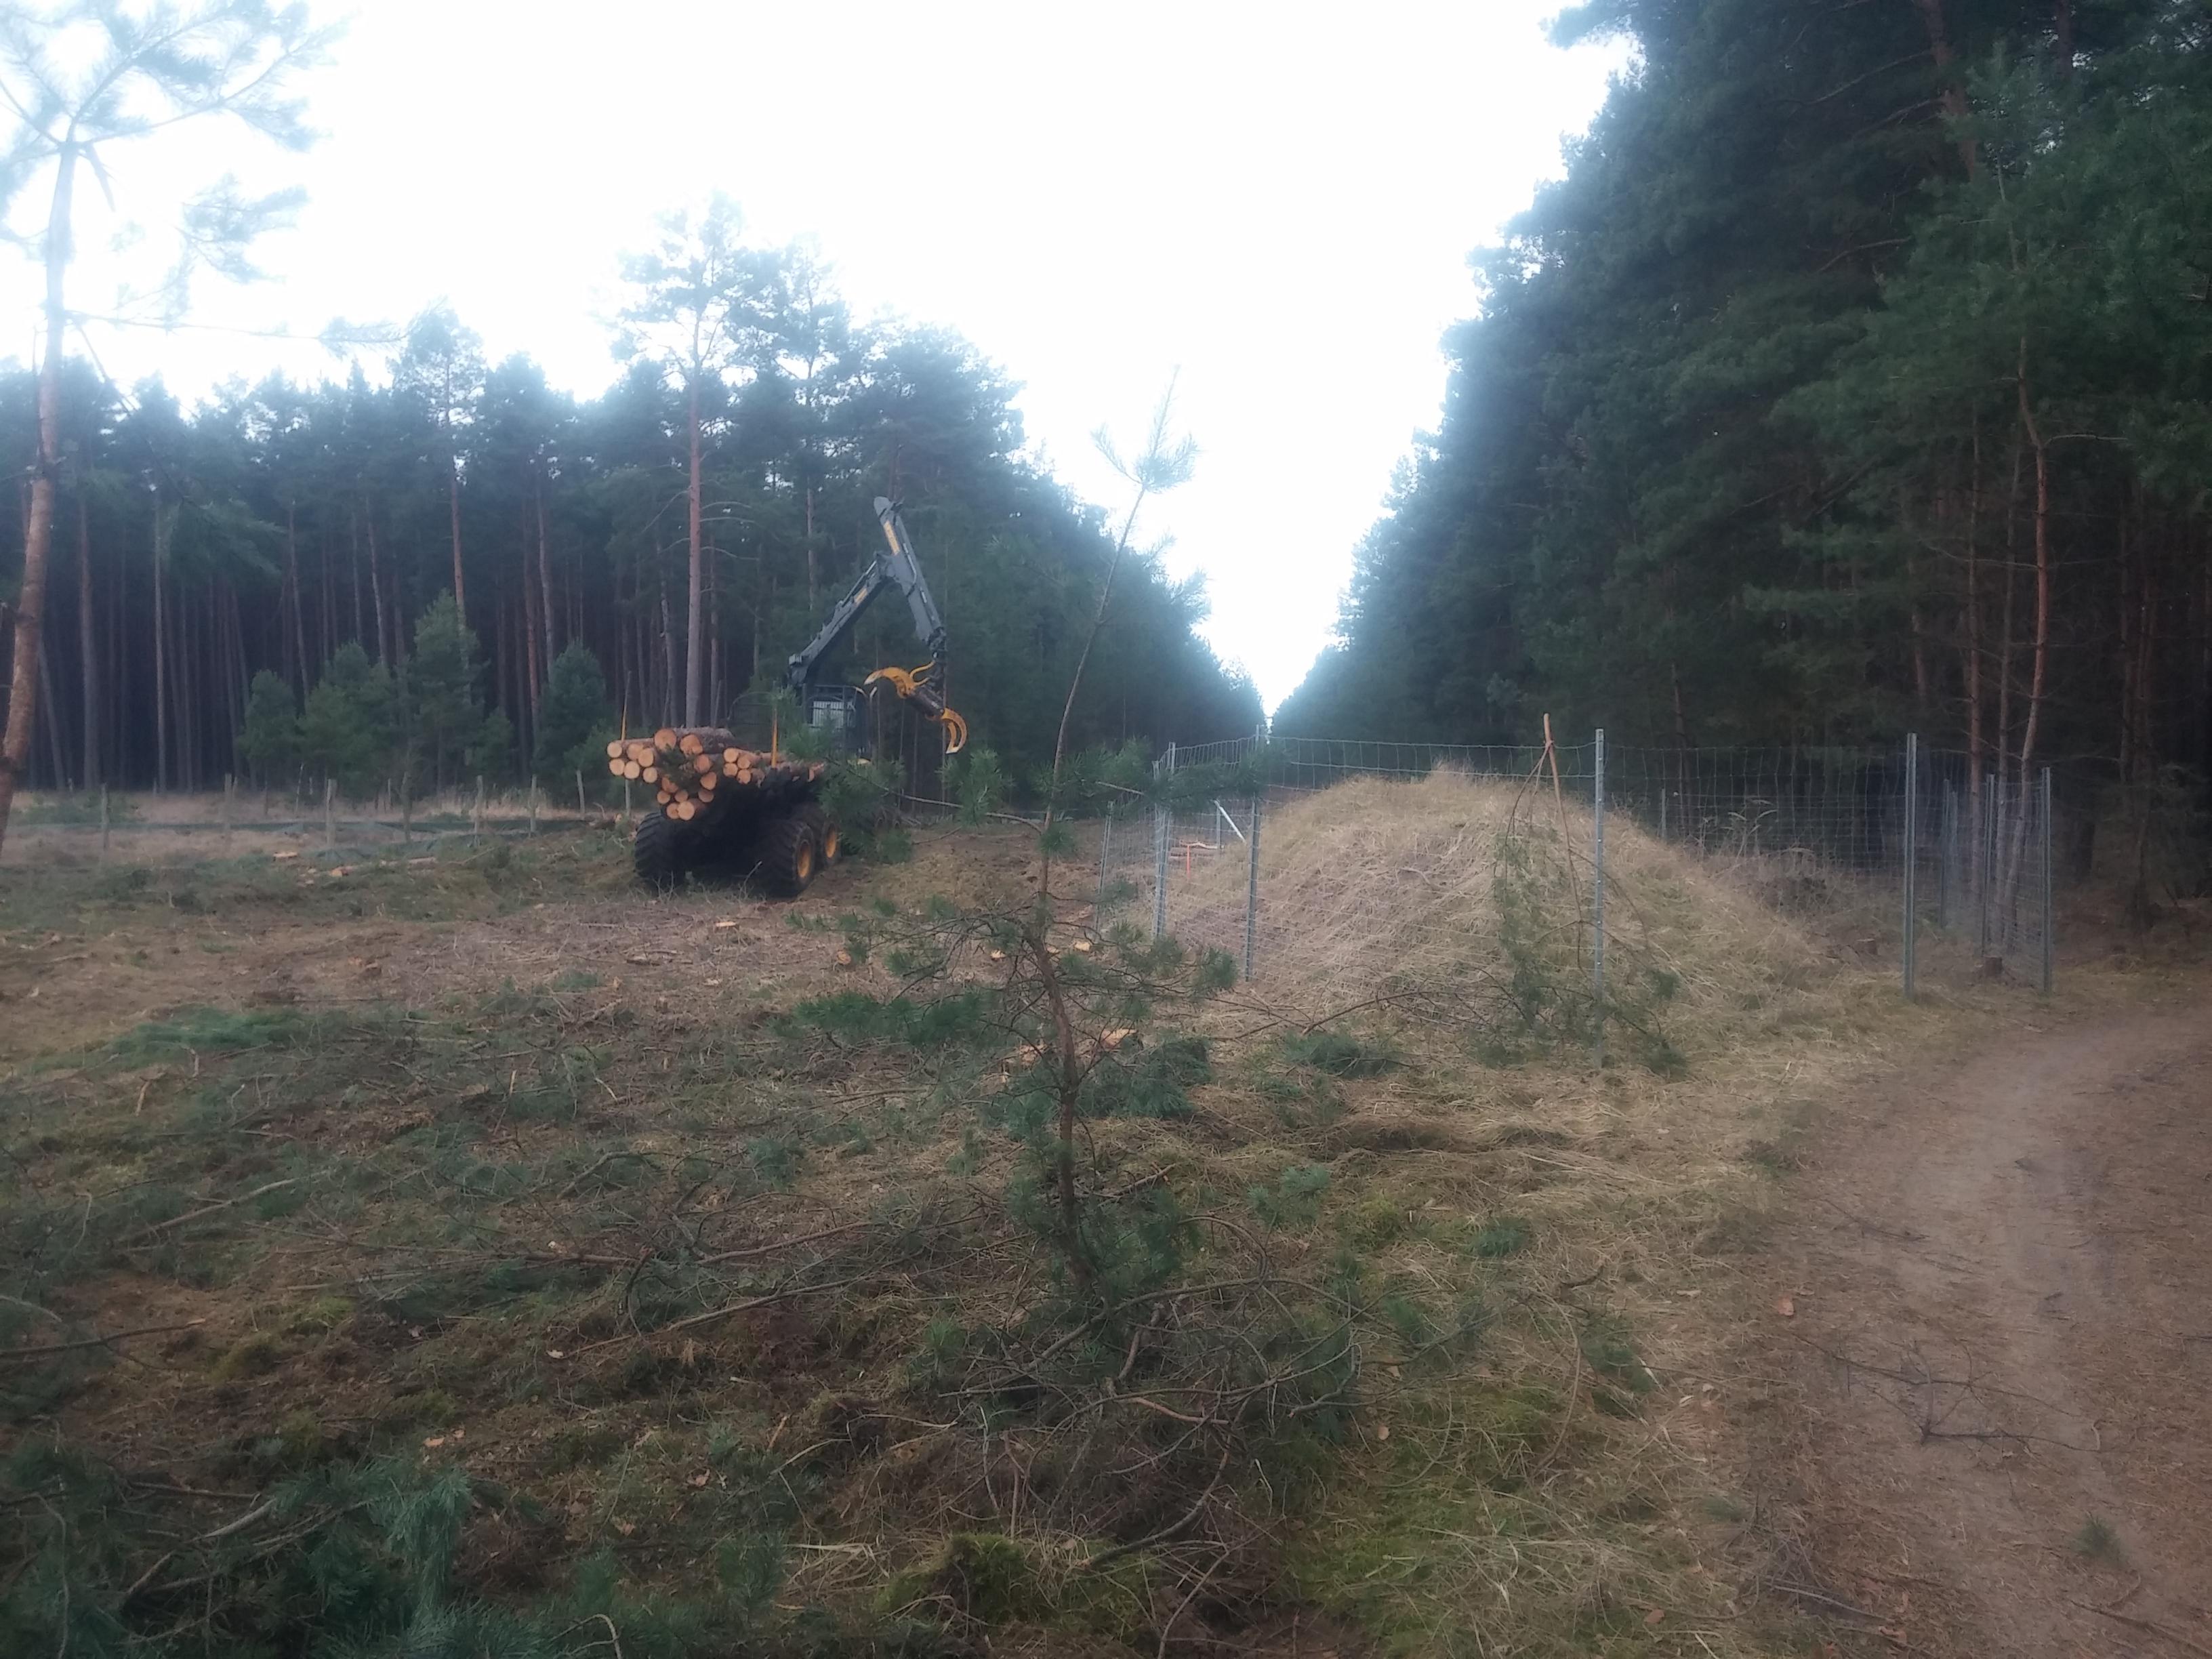 Presseerklärung des BUND gegen Windräder im Reesdorfer Forst